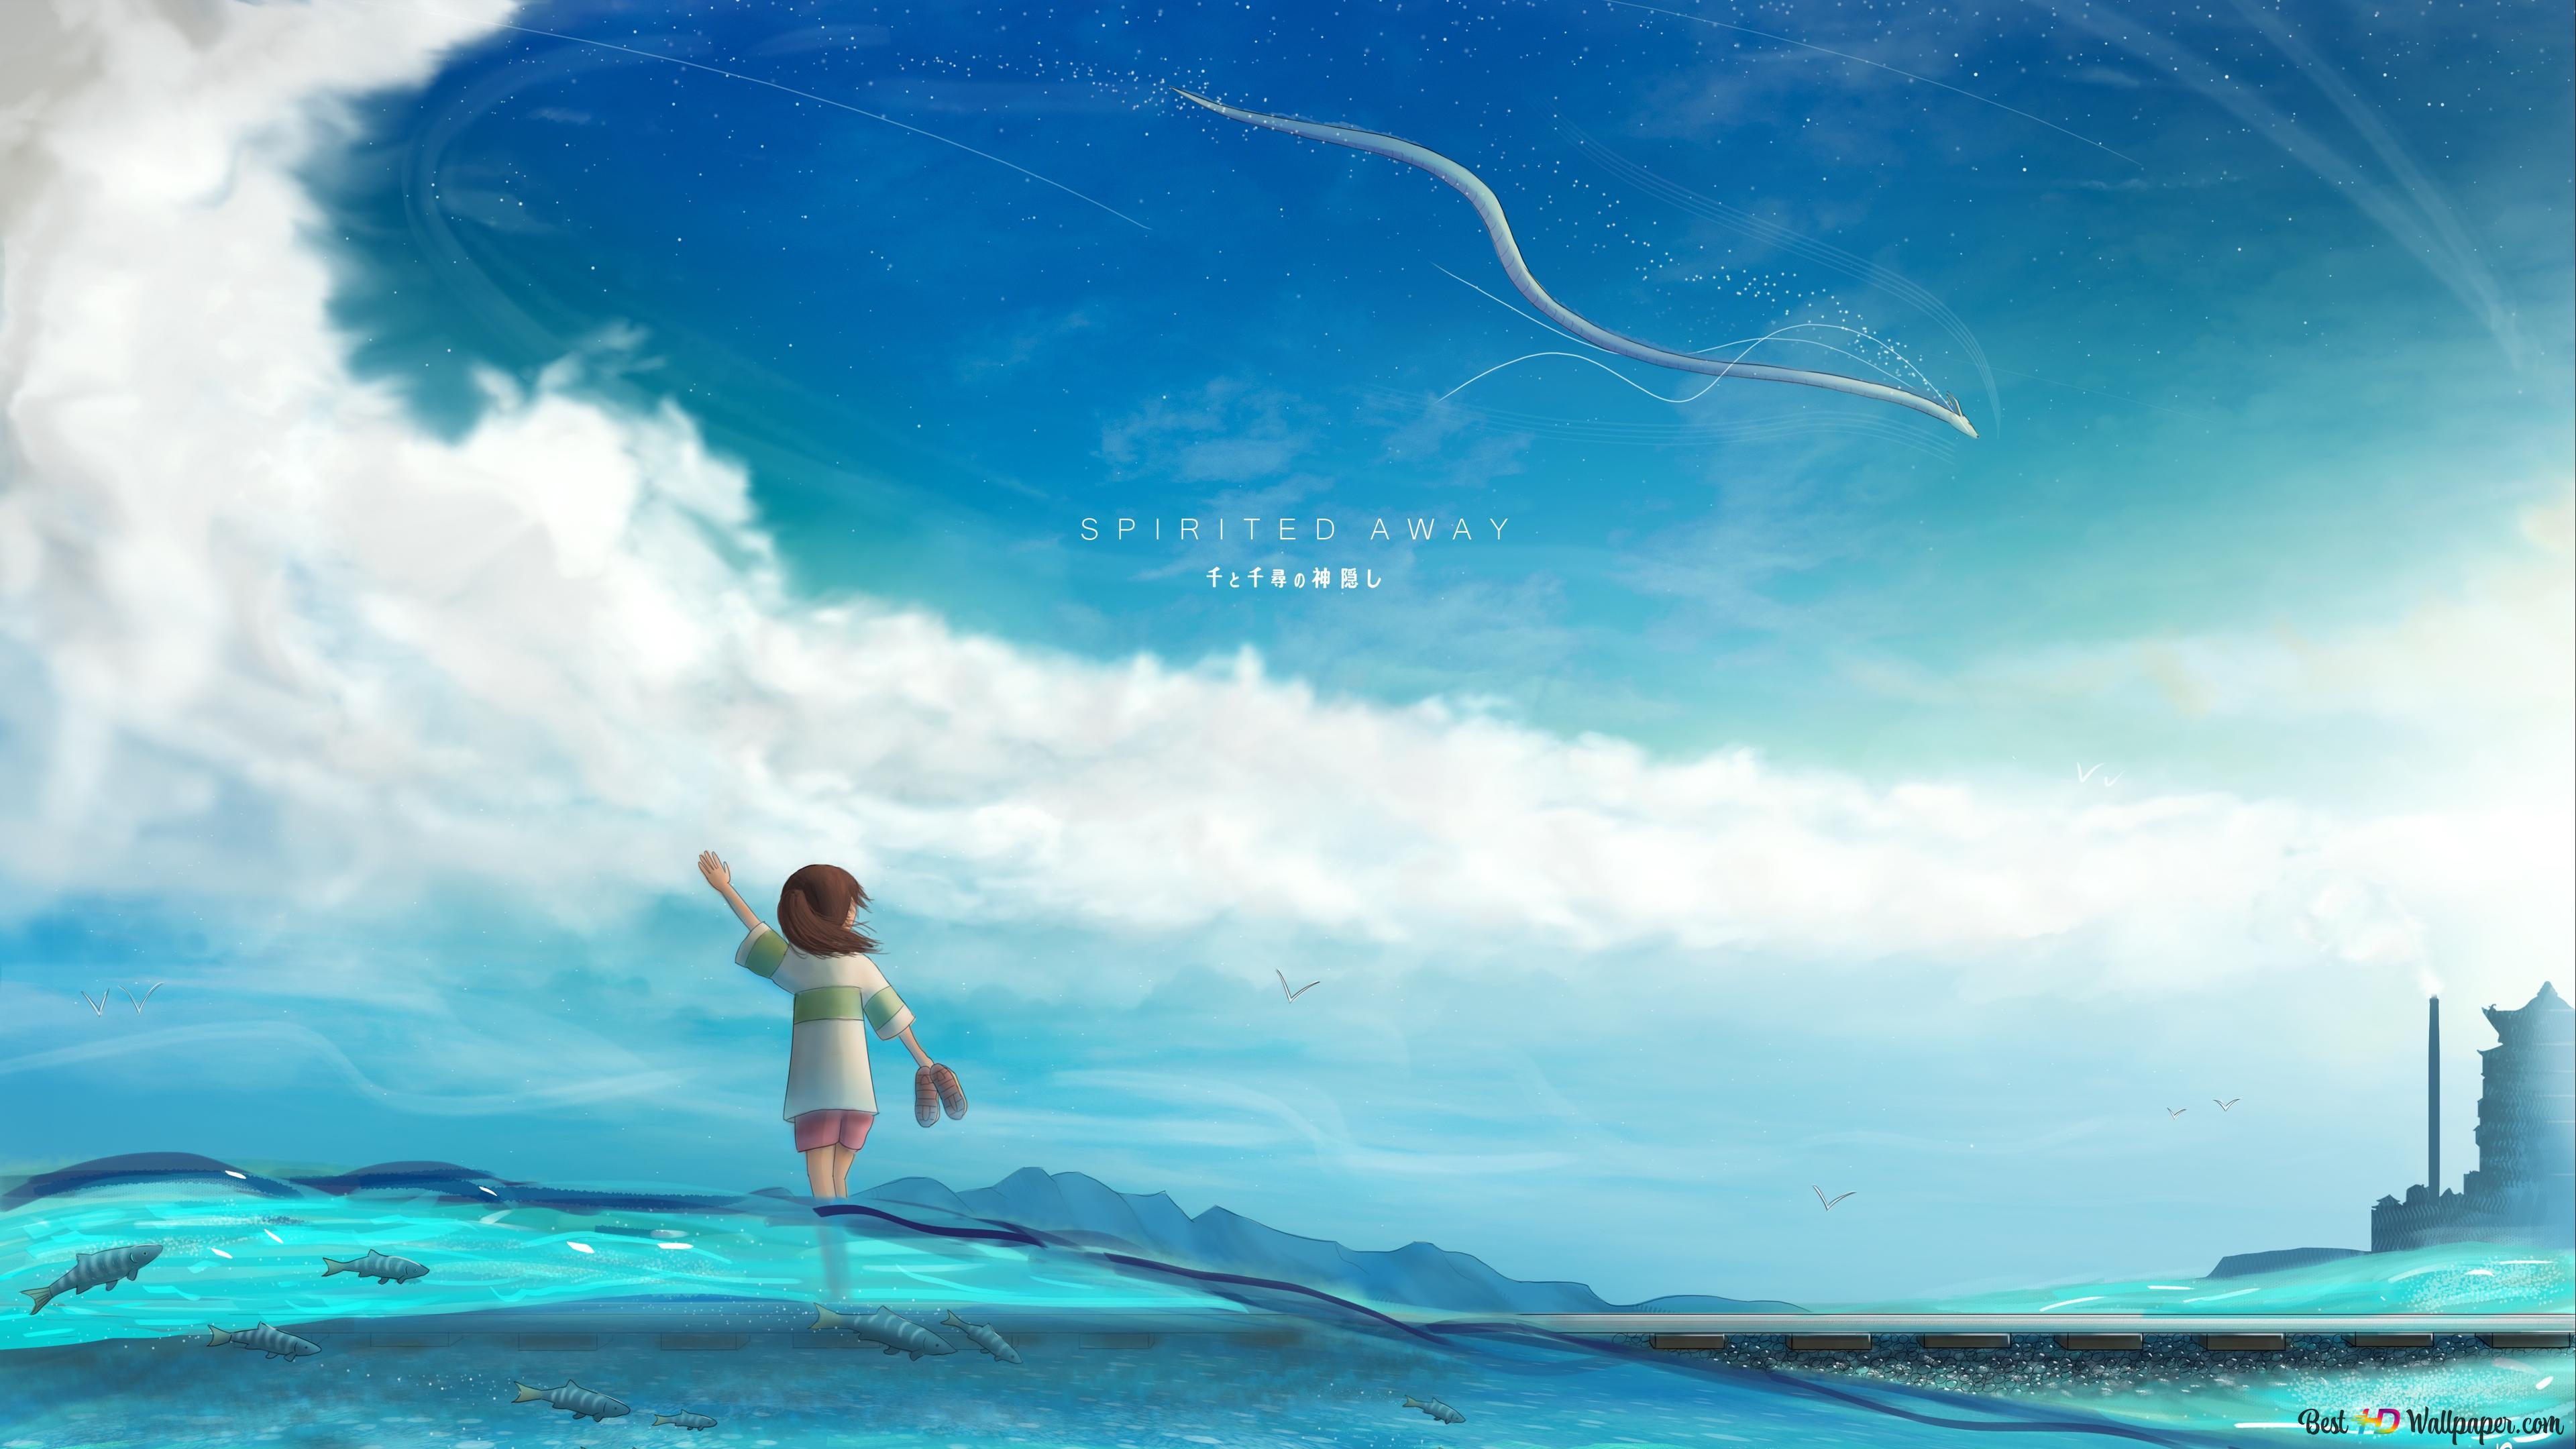 Spirited Away Chihiro Ogino Hd Wallpaper Download